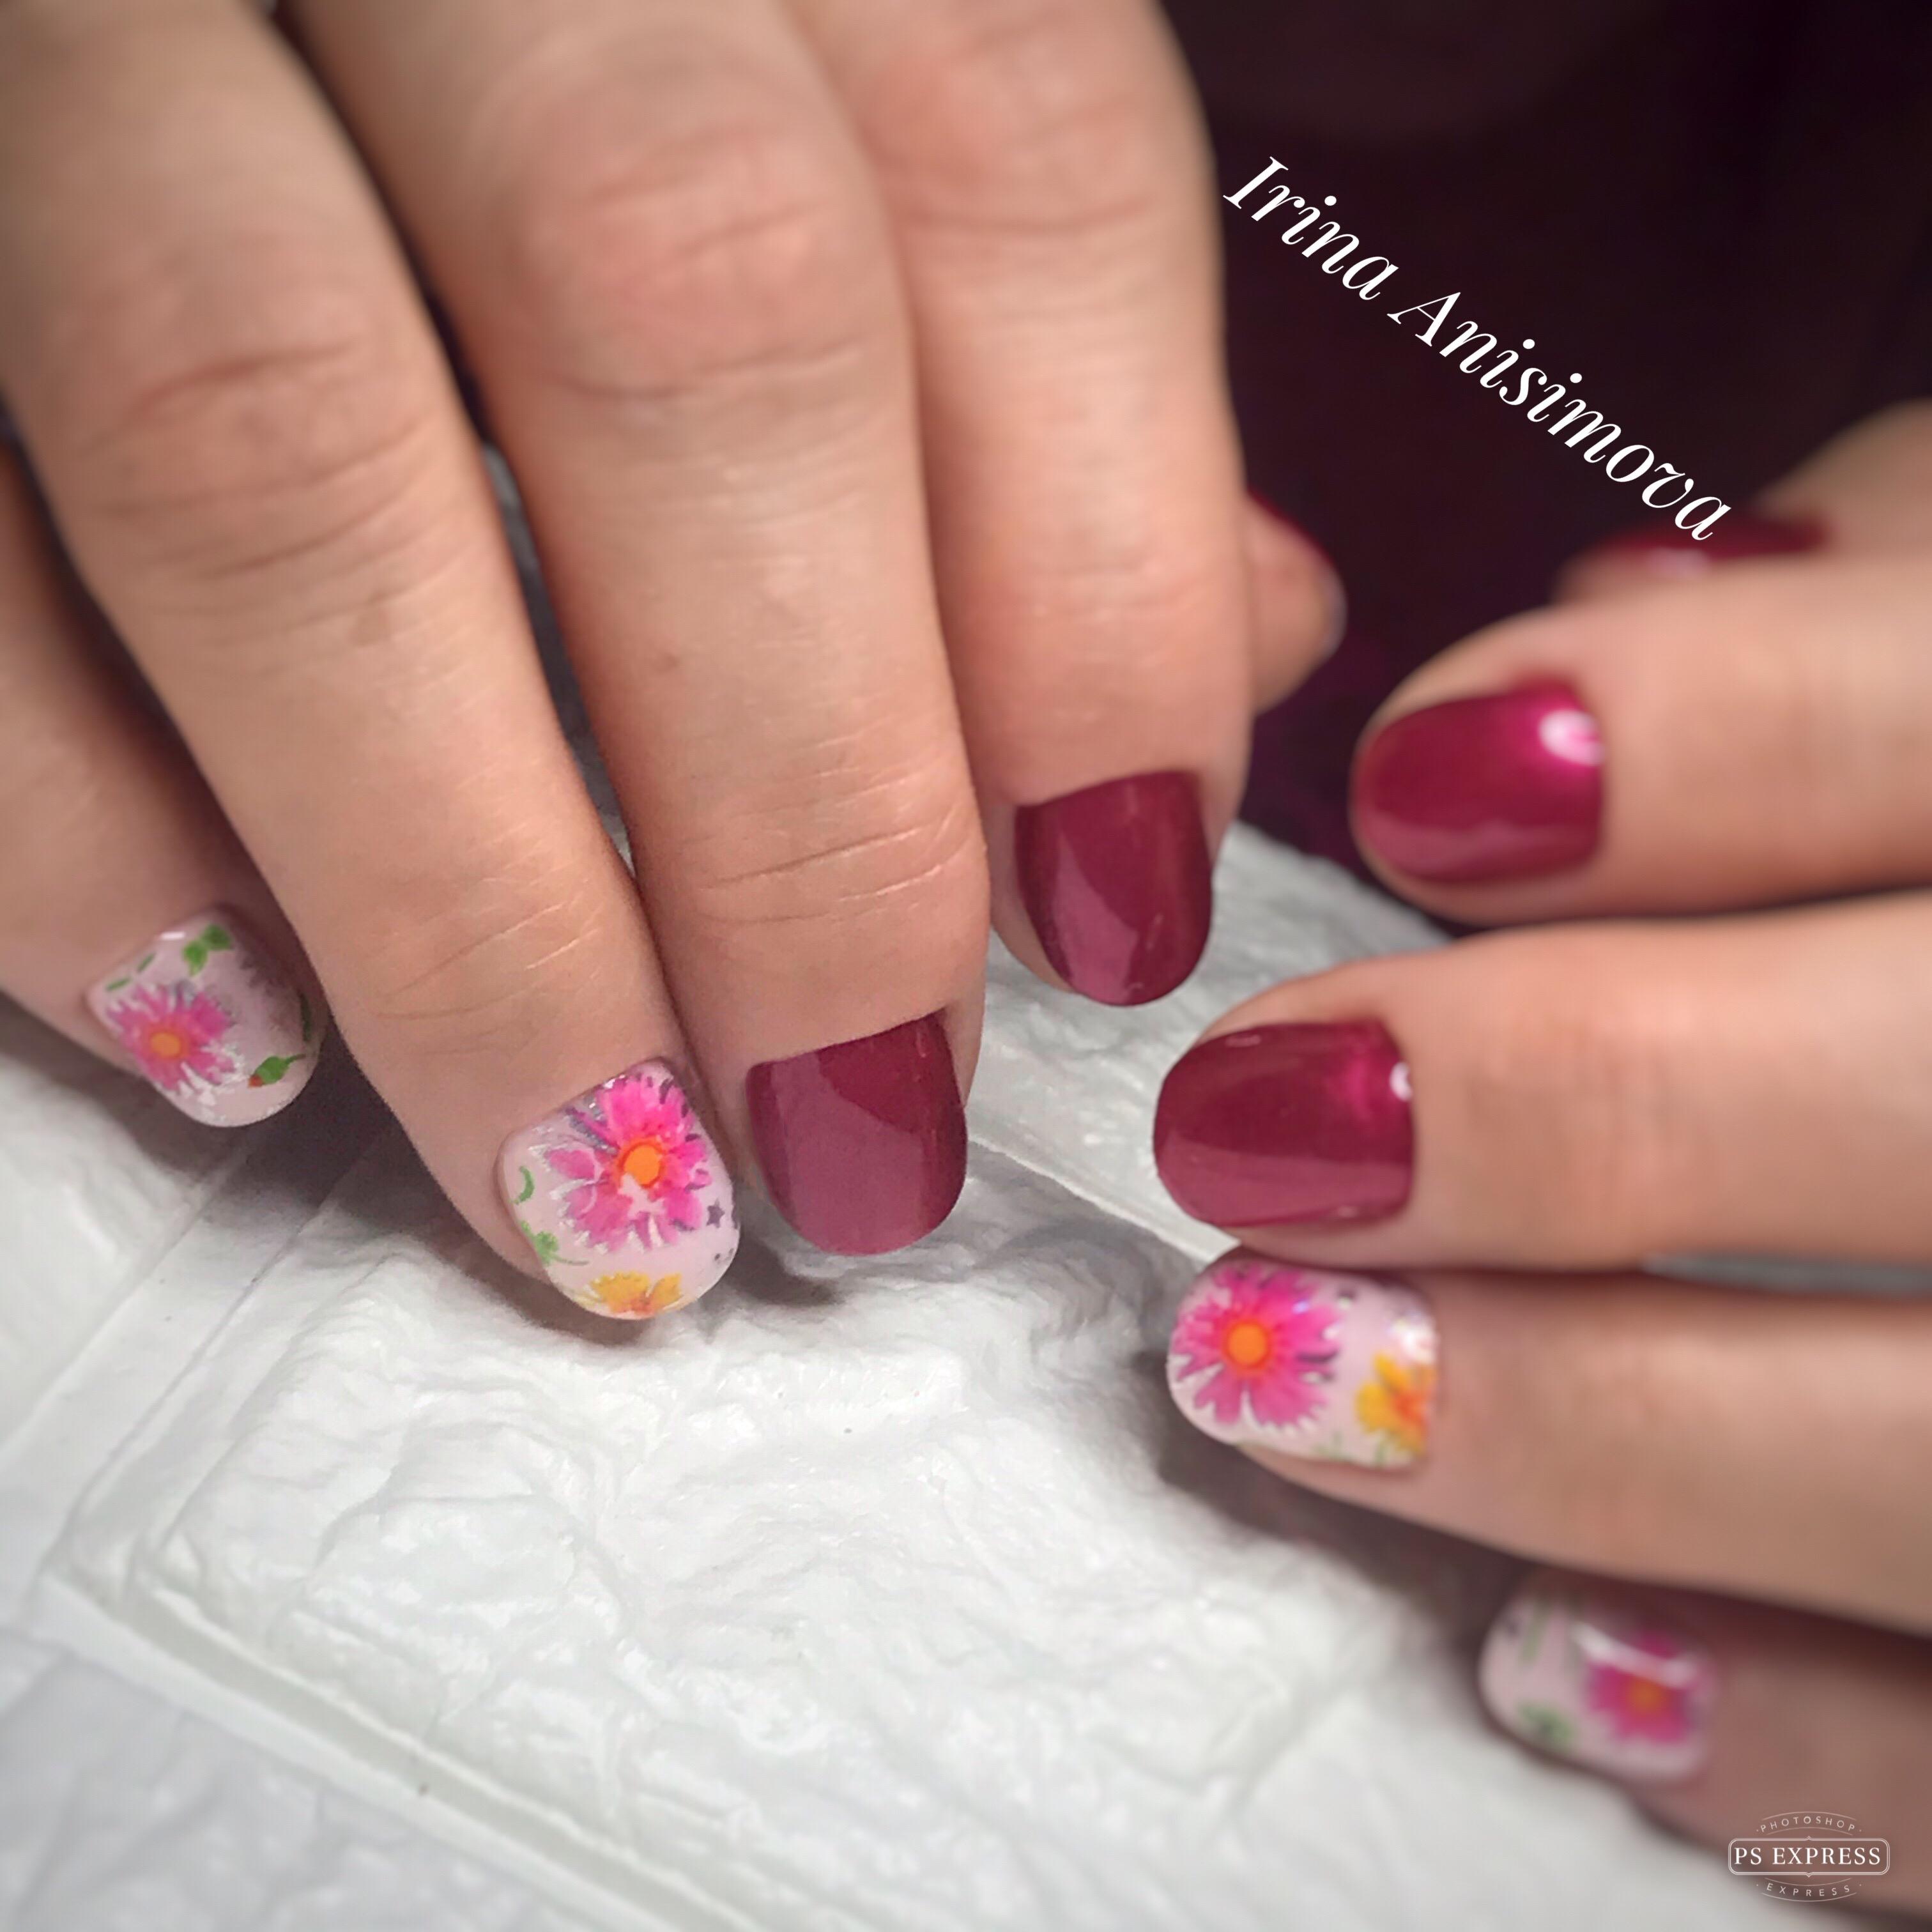 Маникюр с цветочным рисунком в темно-красном цвете.